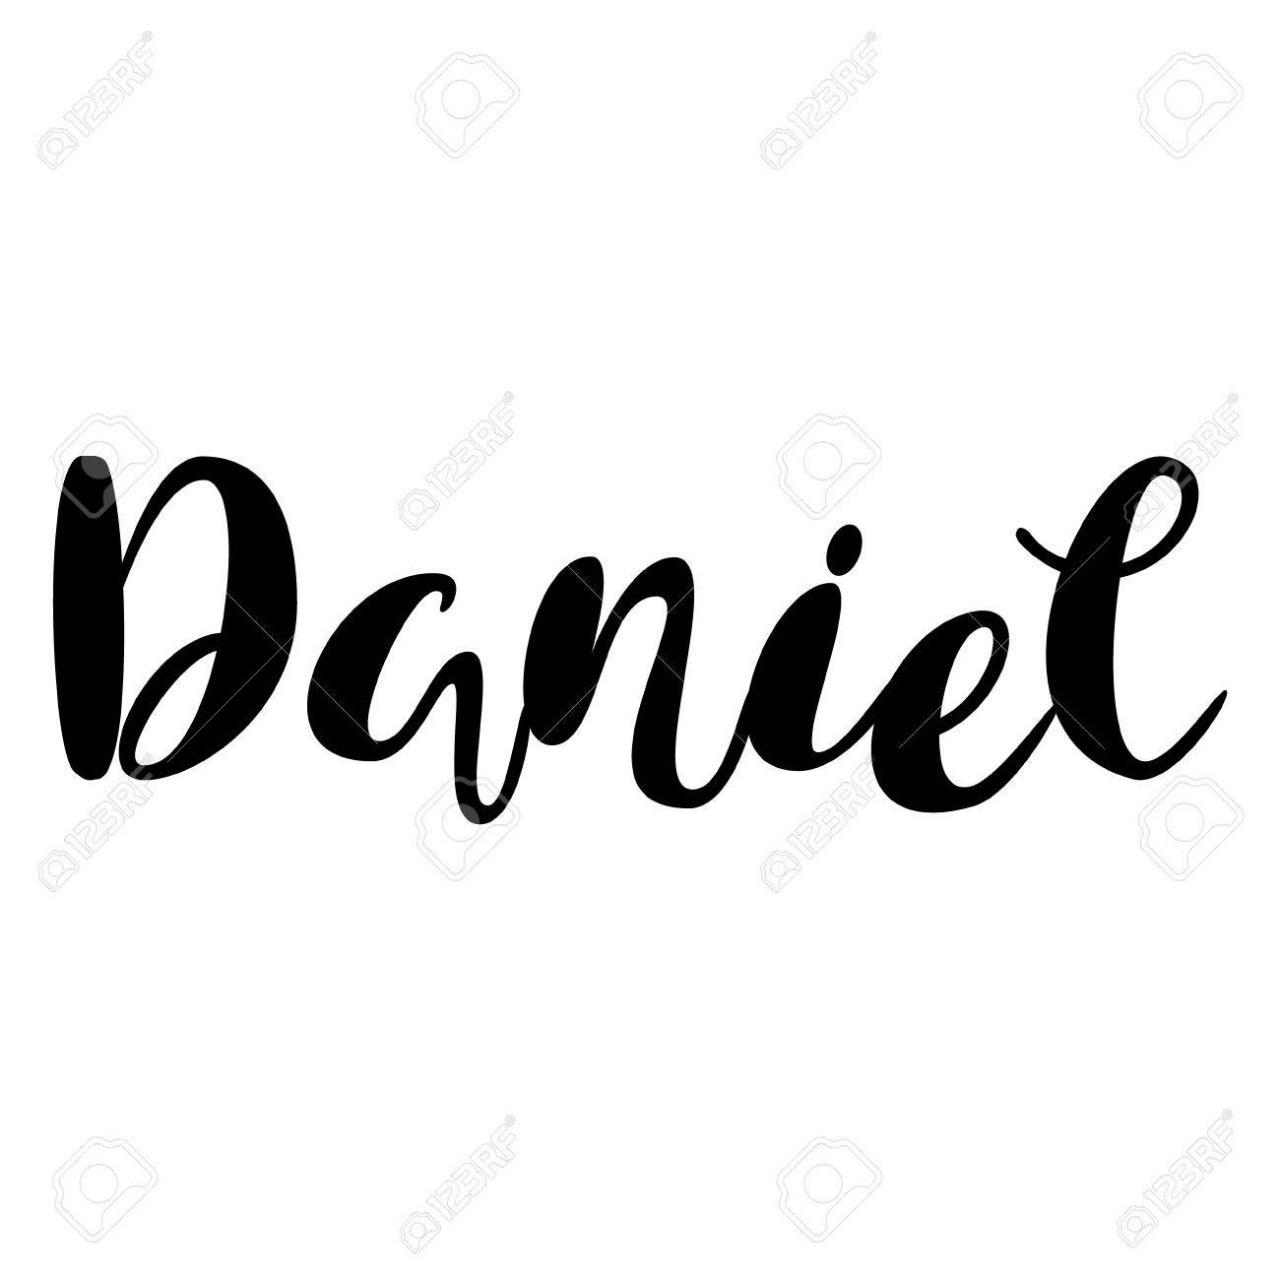 صورة معنى اسم دانيال 6415 3